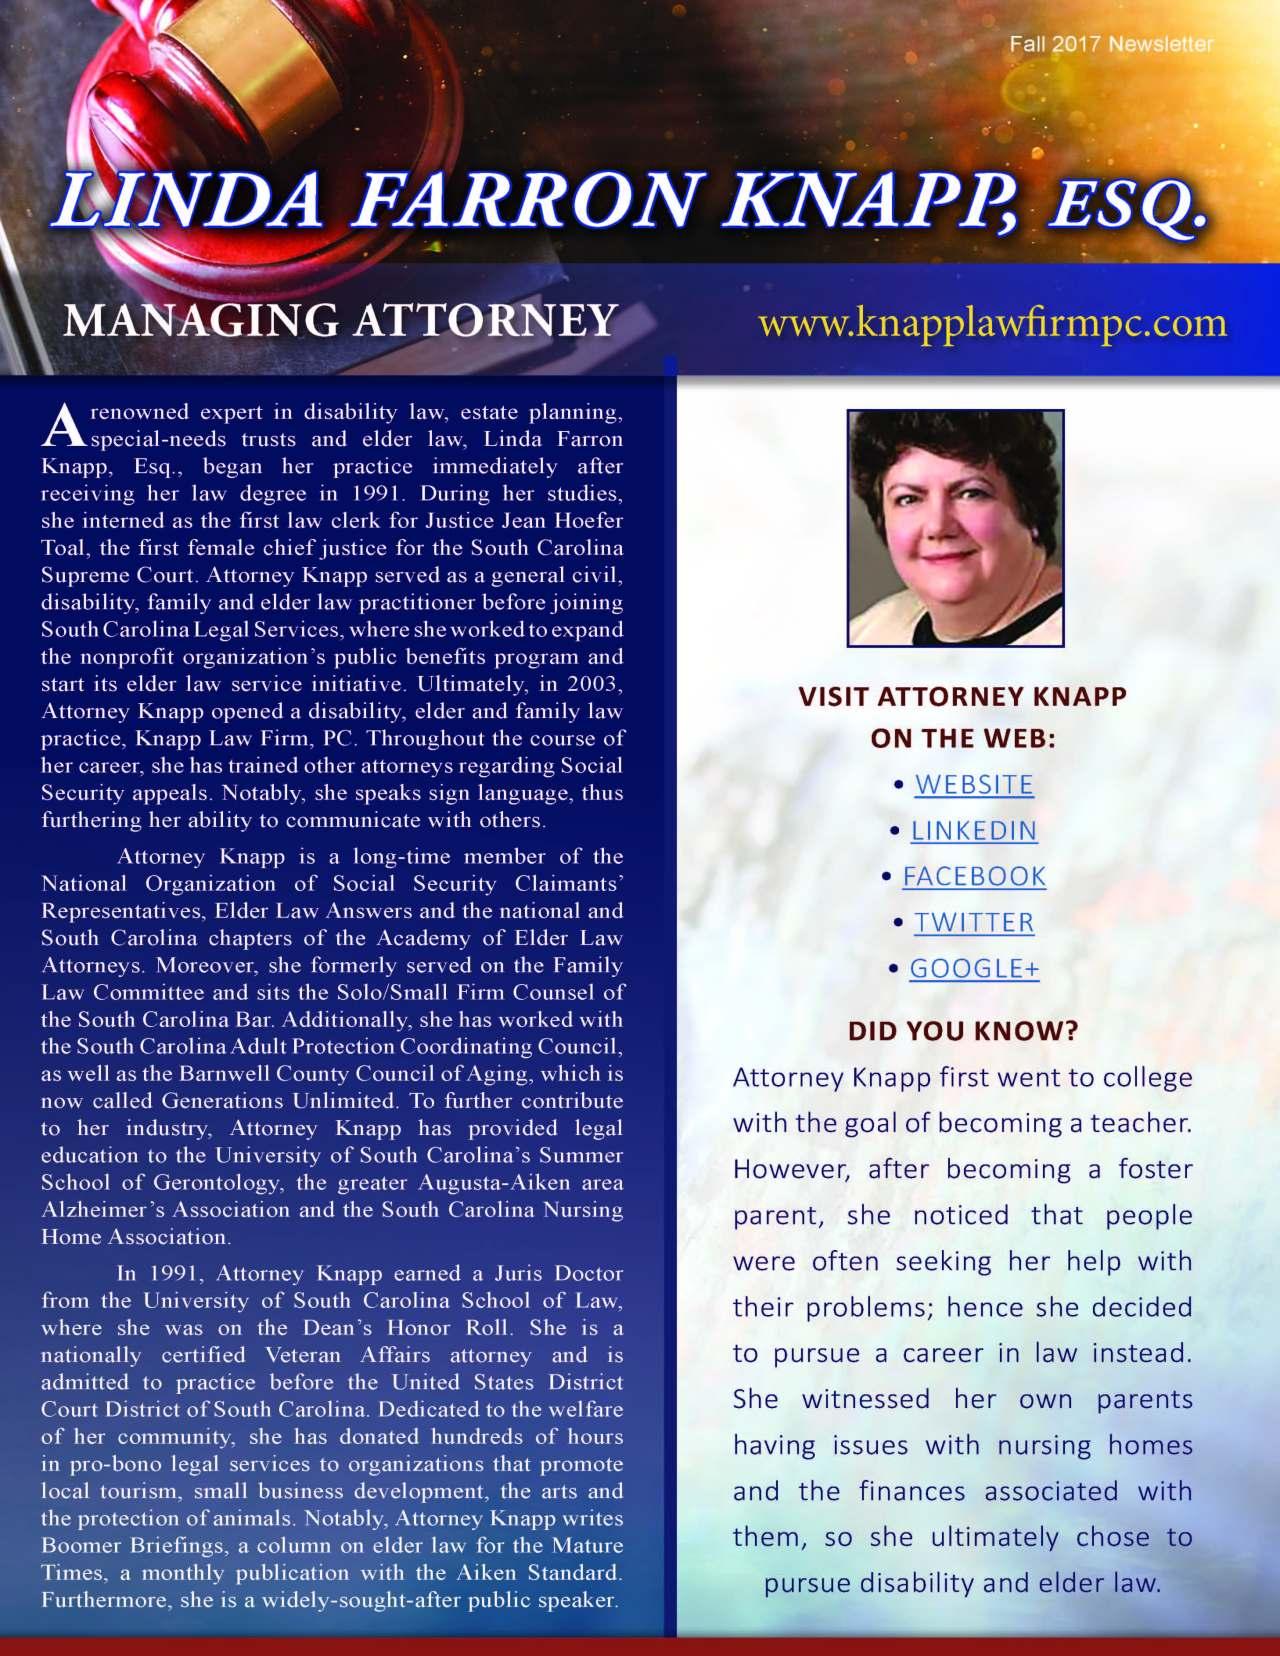 Farron Knapp, Linda 3685388_4003685388 Newsletter.jpg